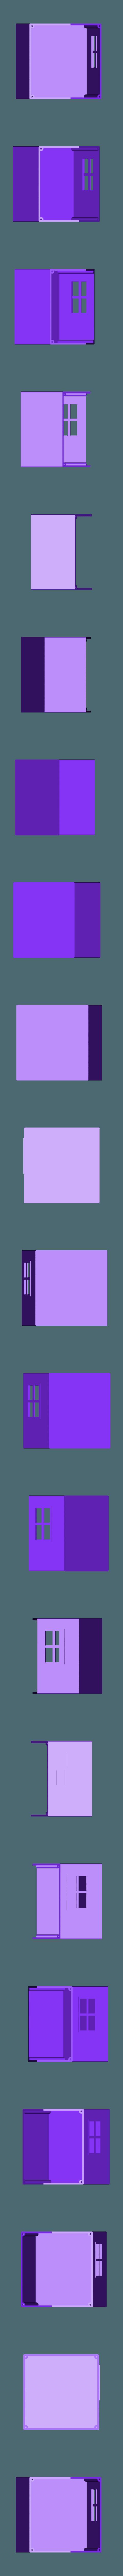 CASA-cuerpo.stl Download STL file Mini house for hamster • Model to 3D print, shonduvilla